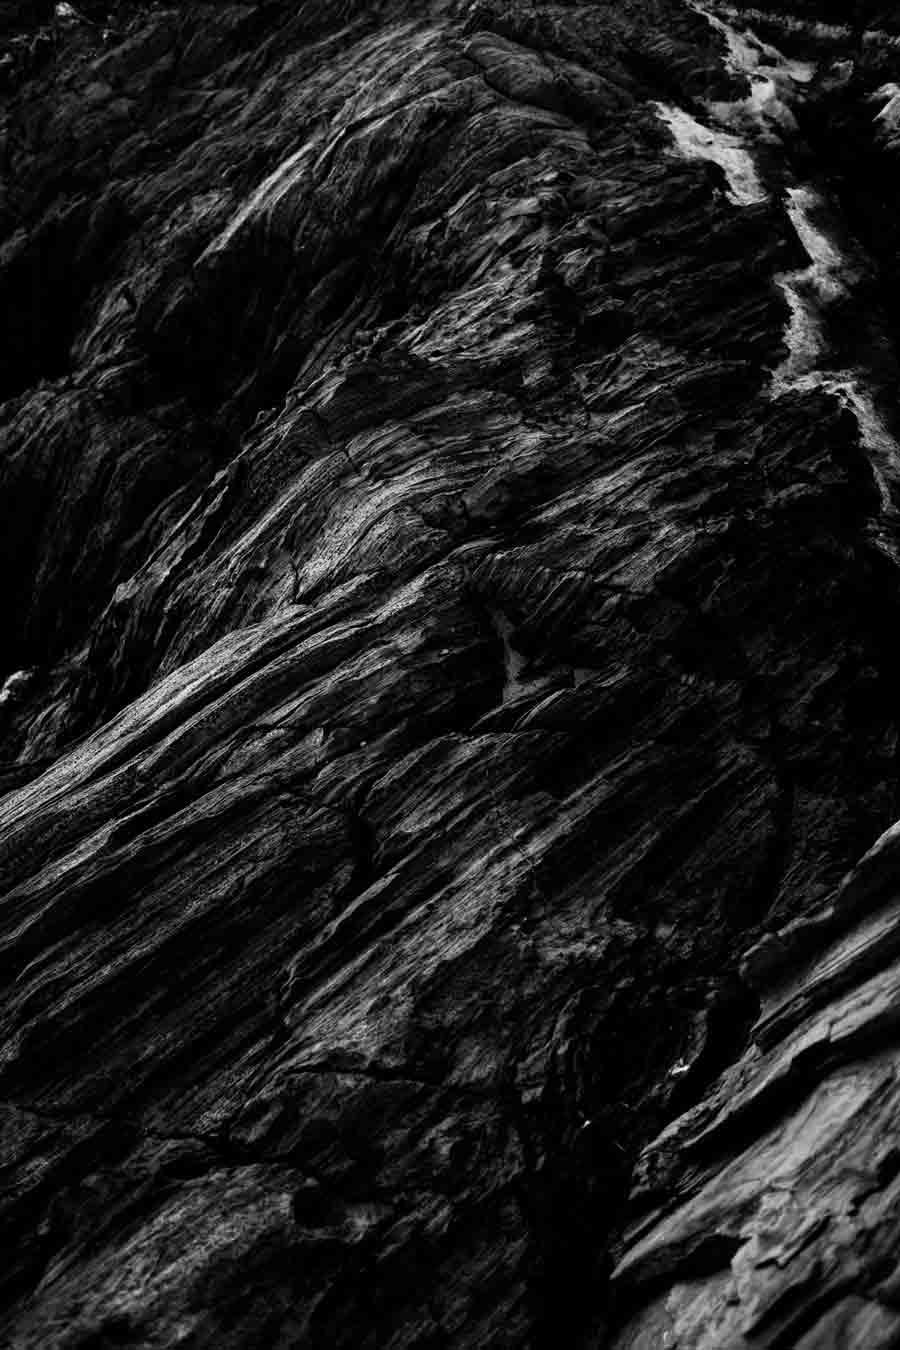 La leyenda mexicana de la piedra negra de Zacatecas